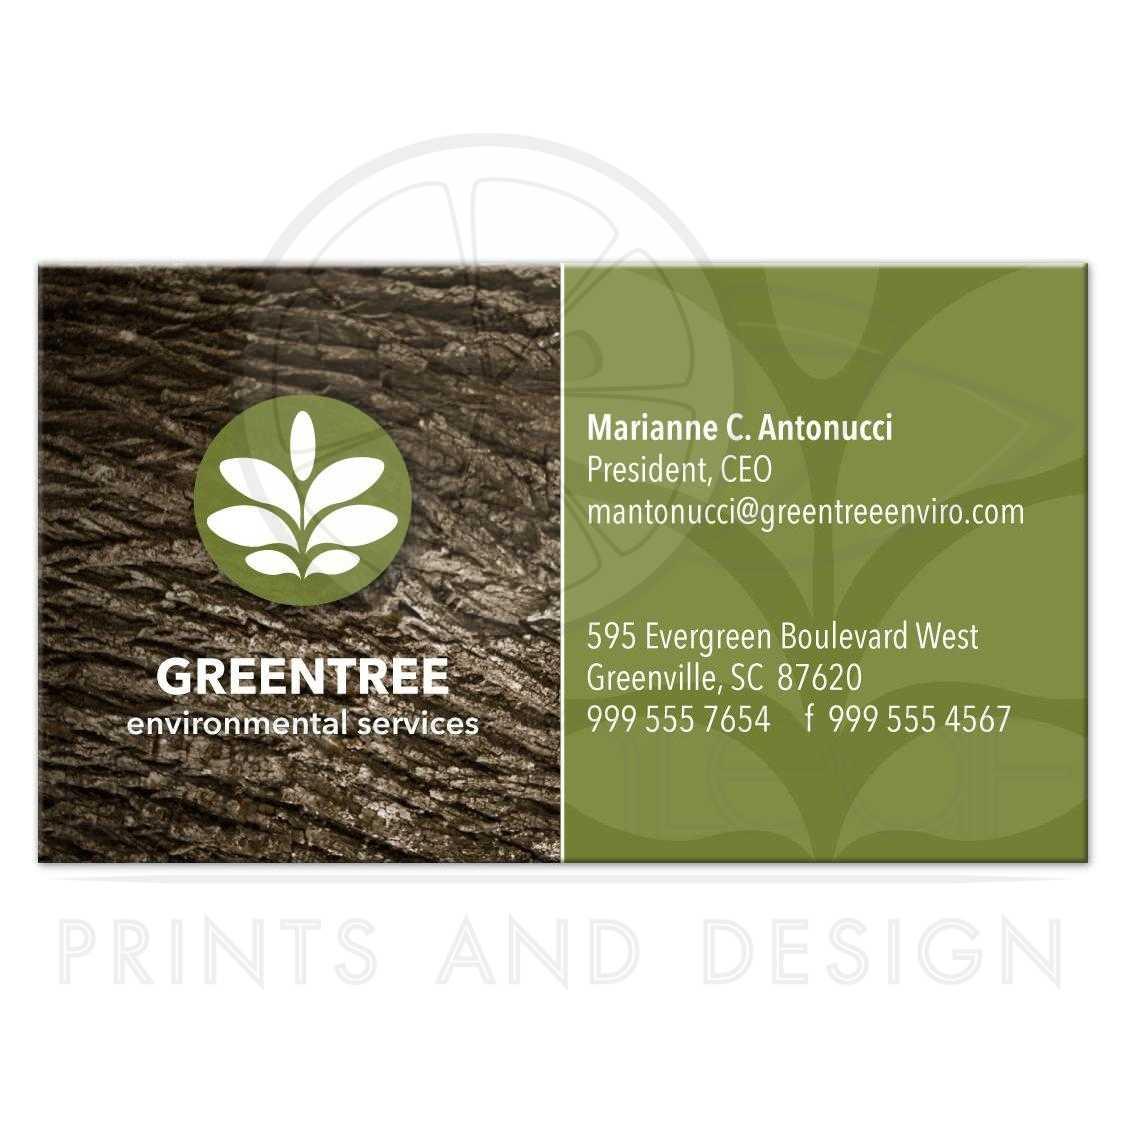 Business card tree bark green company environmental tree bark green company environmental business card colourmoves